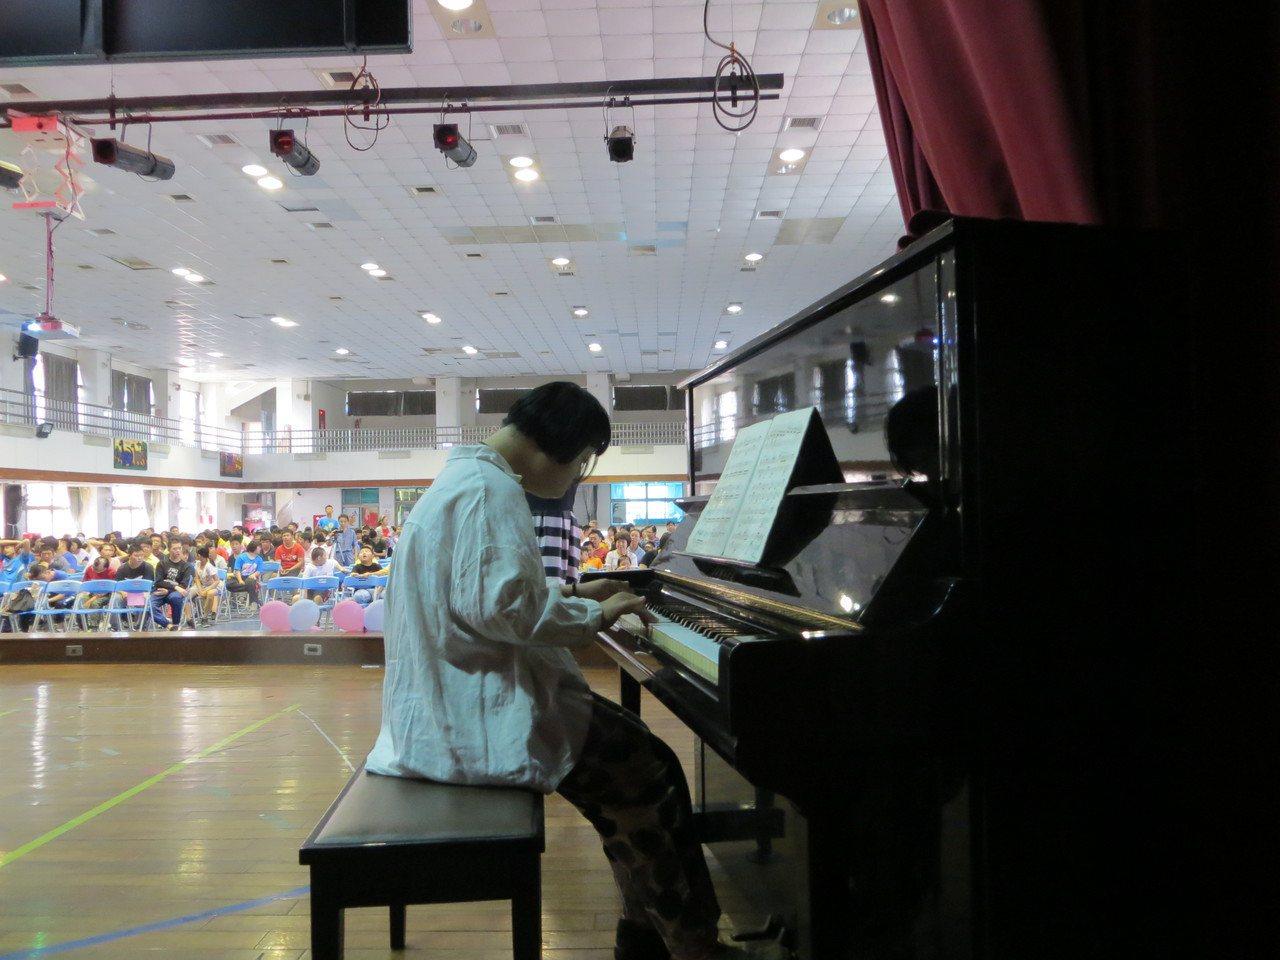 嘉義特殊教育學校學生王奕晴,考取嘉義市和嘉義縣音樂類街頭藝人證照,上午在學校集會...